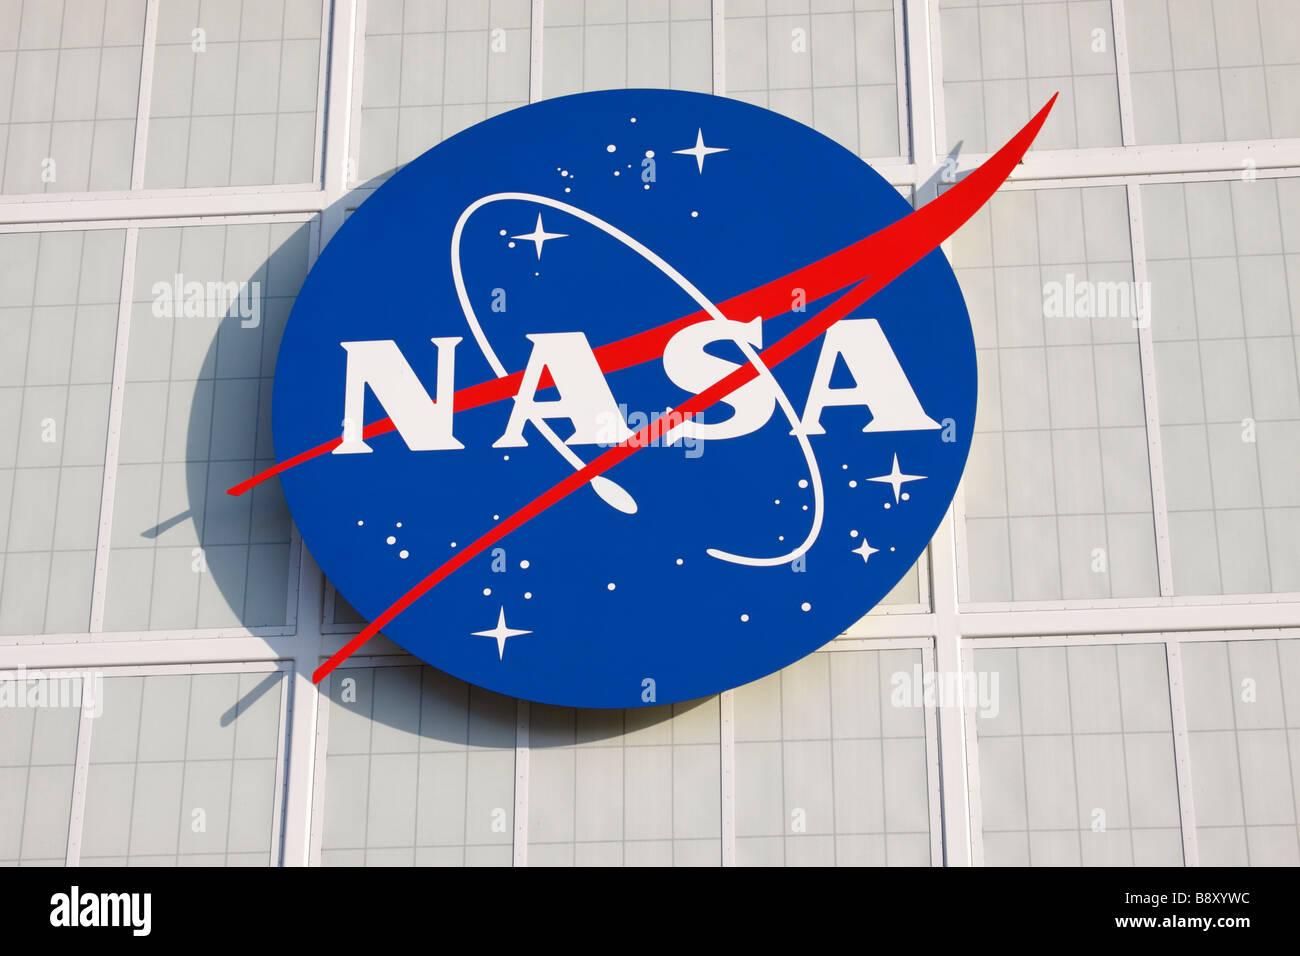 NASA logo, Kennedy Space Center, Cape Canaveral, Florida, USA - Stock Image